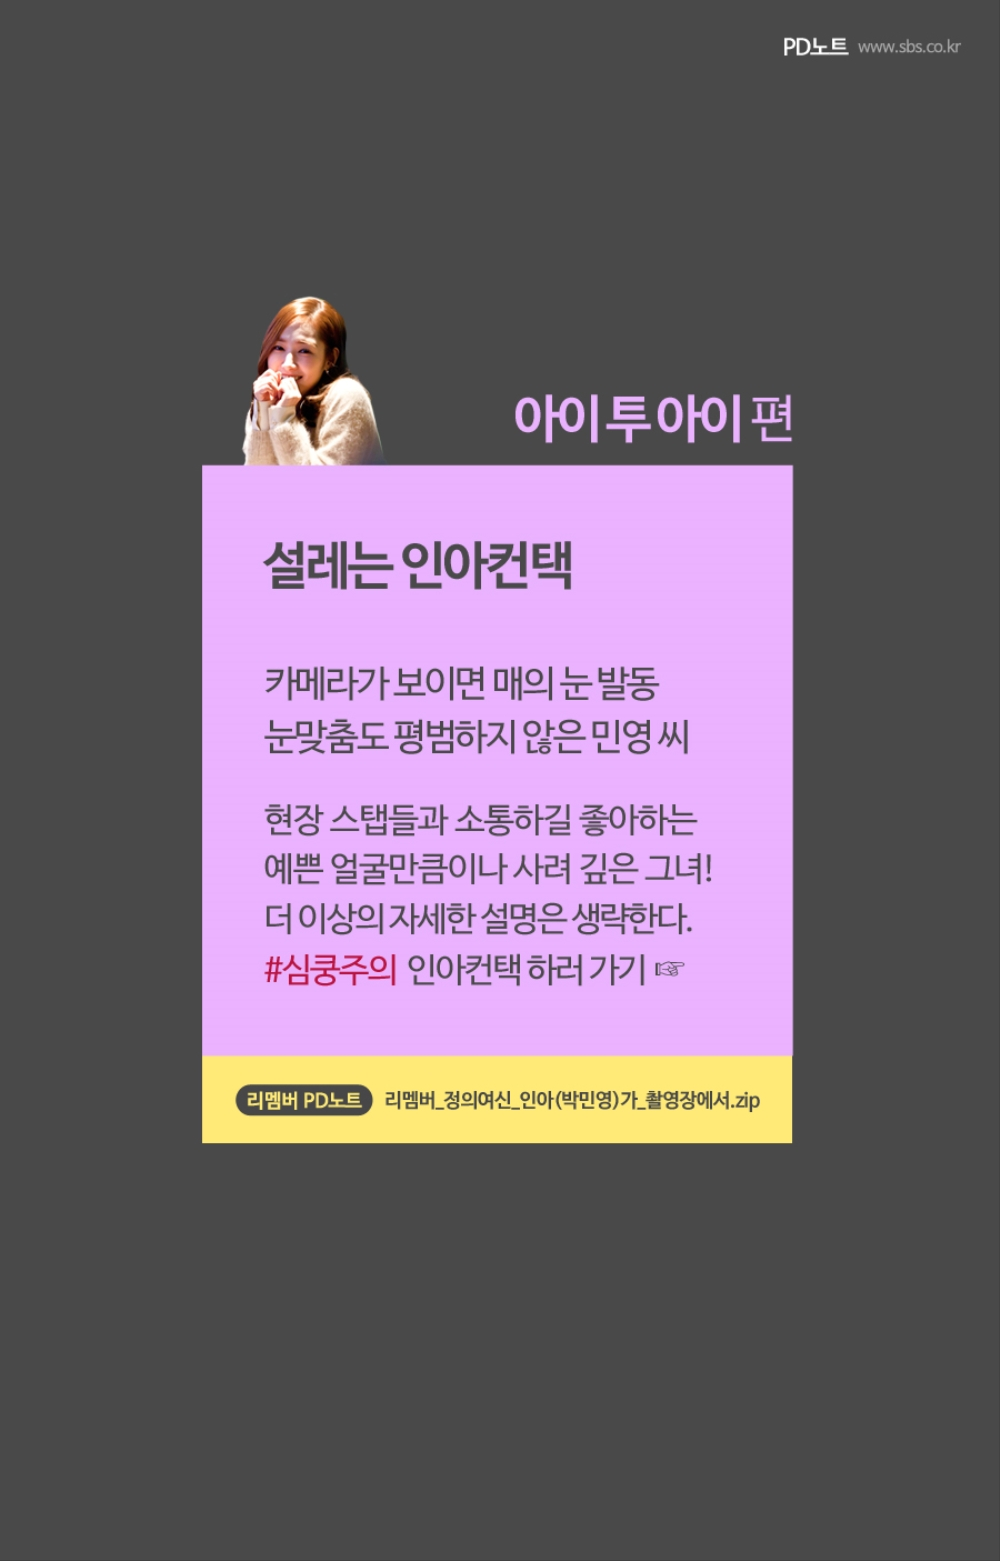 아이 투 아이 편, 박민영과의 설레는 아이컨택 사진 모음